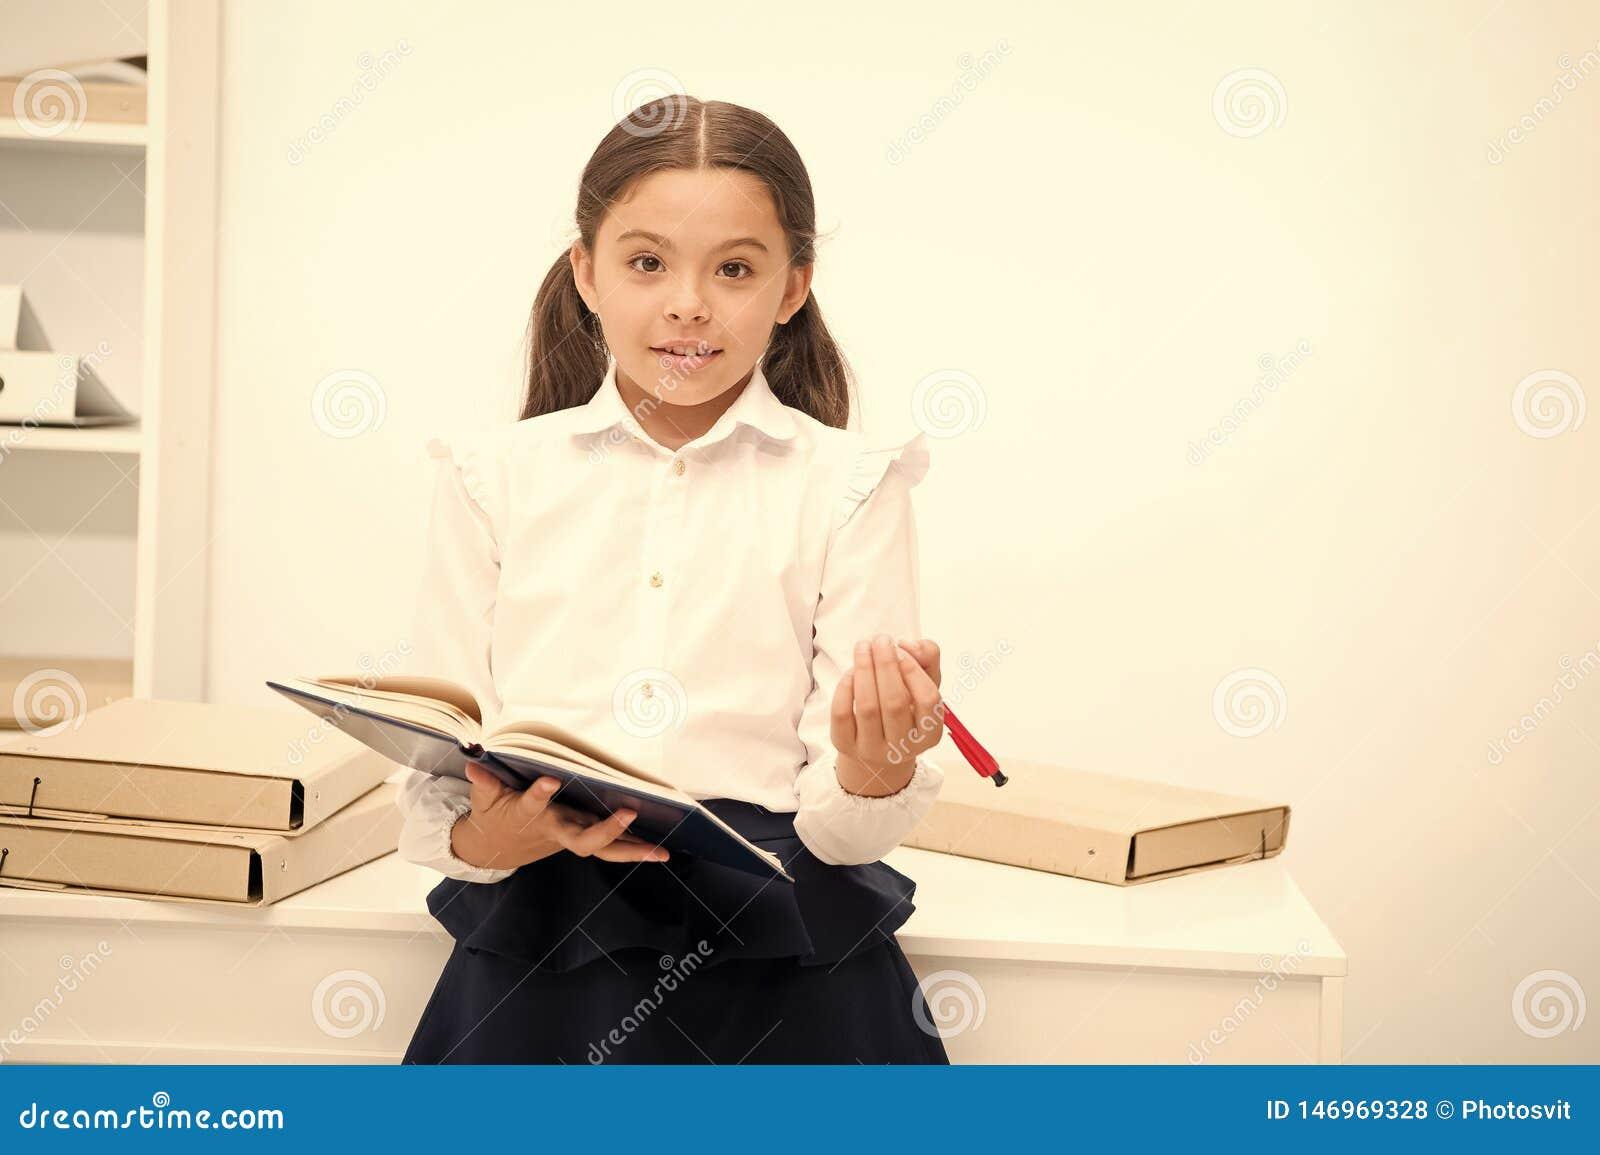 要运用新的学校节目 女孩拿着正在寻找志愿者的垫笔 女小学生学习包括社会